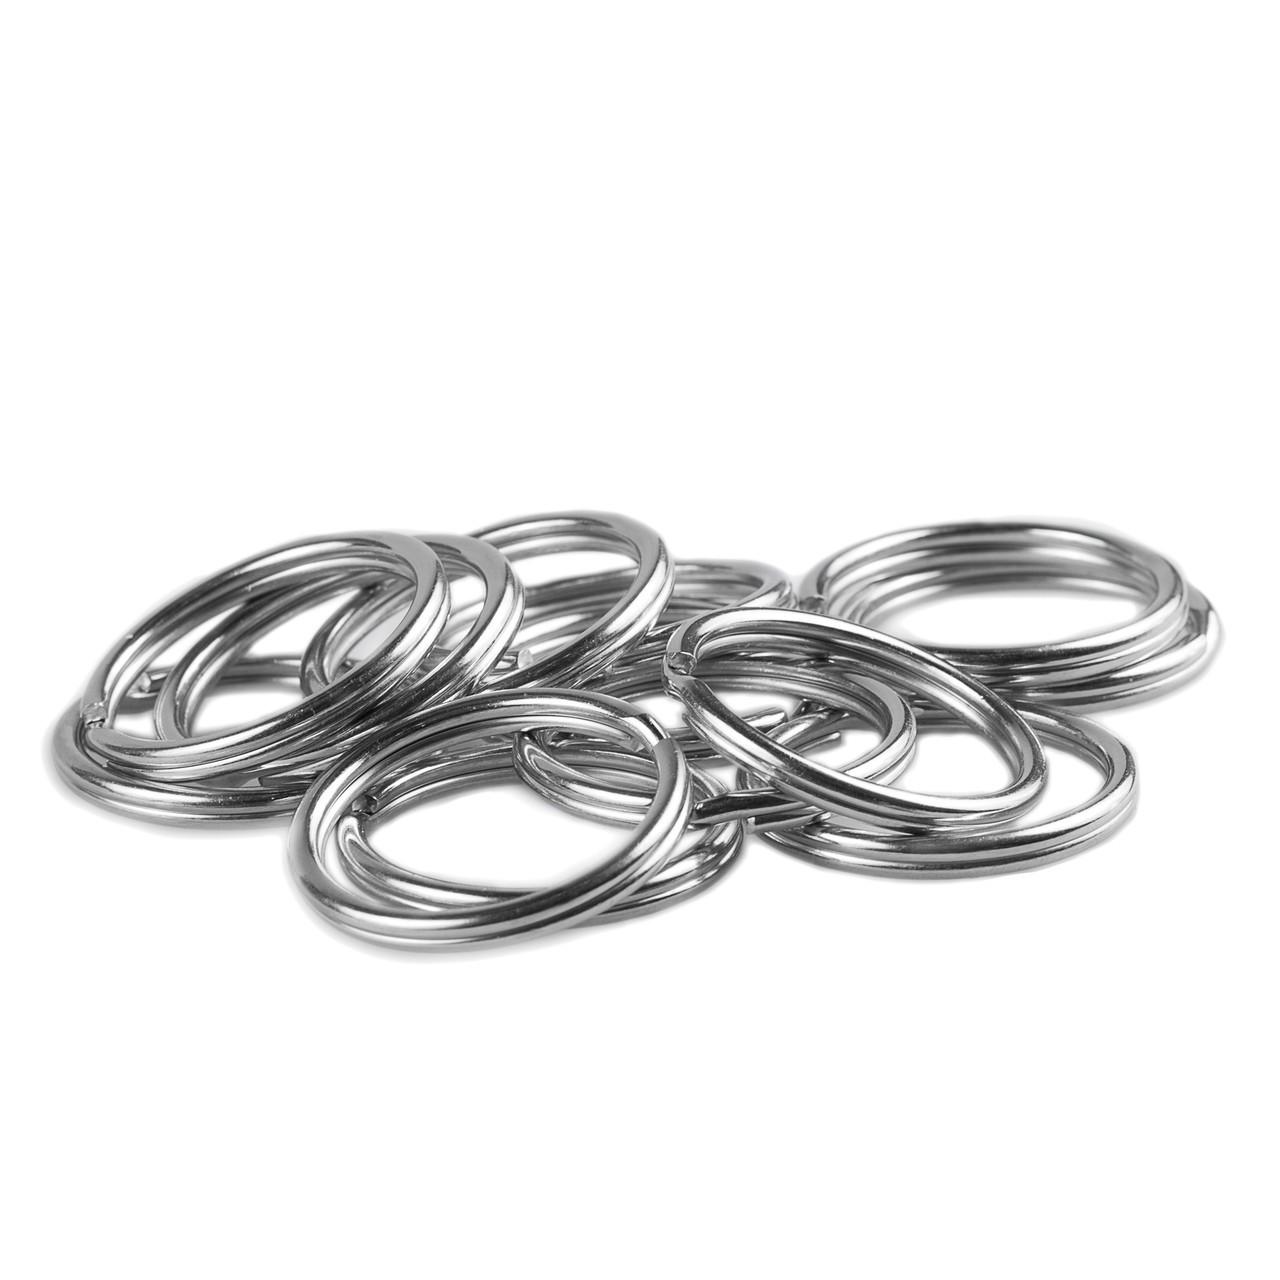 Key Rings - 25mm - Stainless Steel